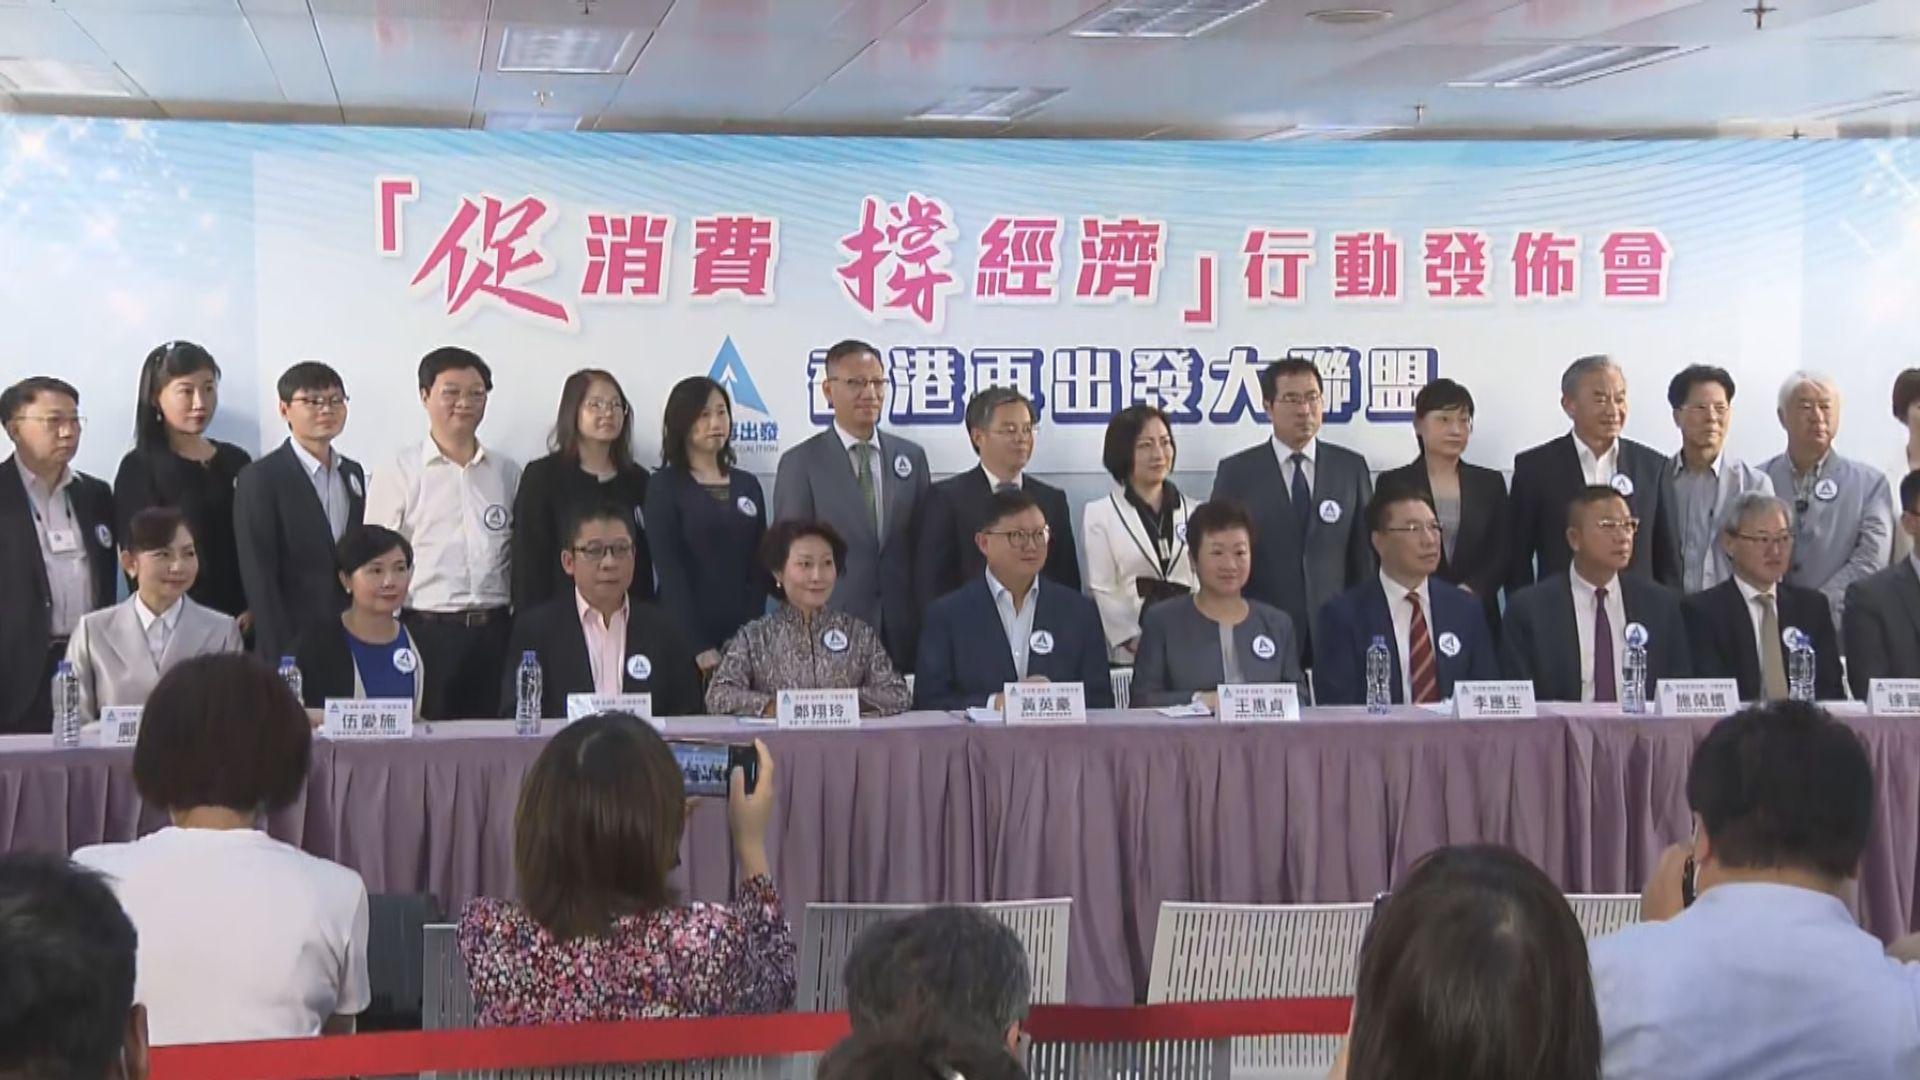 香港再出發大聯盟發起消費優惠計劃籲市民支持